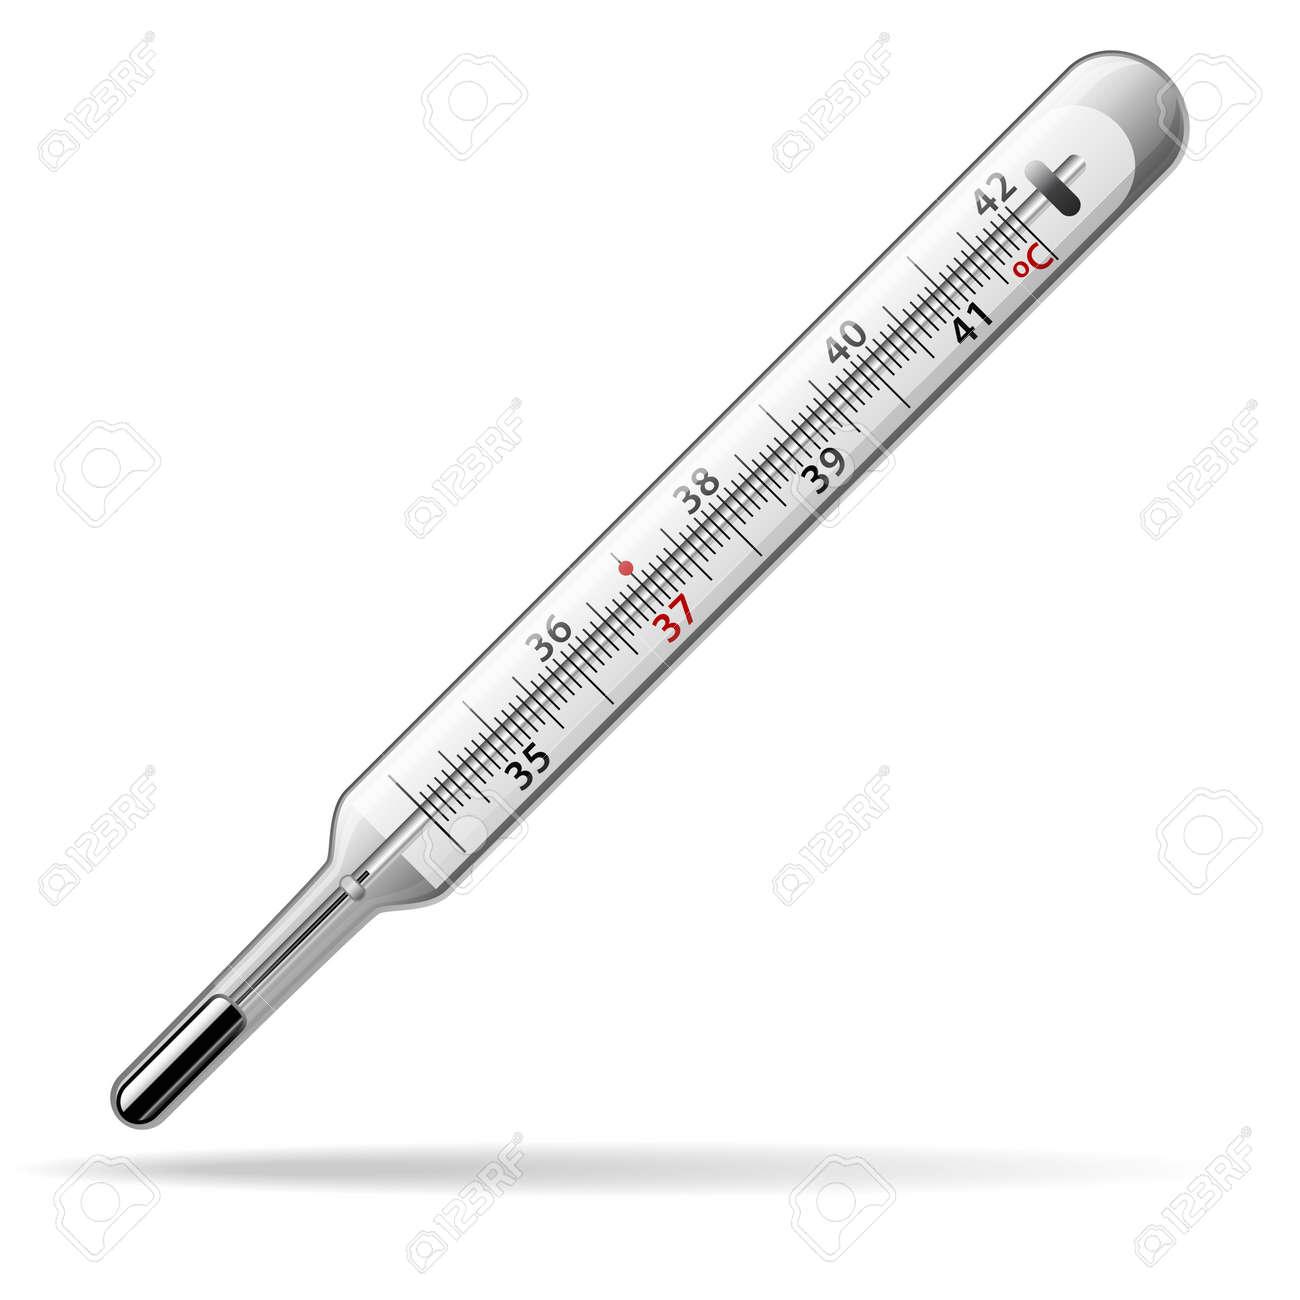 Termometro Medico Un Termometro De Mercurio De Vidrio Para Medir La Temperatura Del Cuerpo Humano Ilustracion Vectorial Ilustraciones Vectoriales Clip Art Vectorizado Libre De Derechos Image 77908504 Los termómetros de mercurio se utilizan en varios ámbitos y espacios. termometro medico un termometro de mercurio de vidrio para medir la temperatura del cuerpo humano ilustracion vectorial